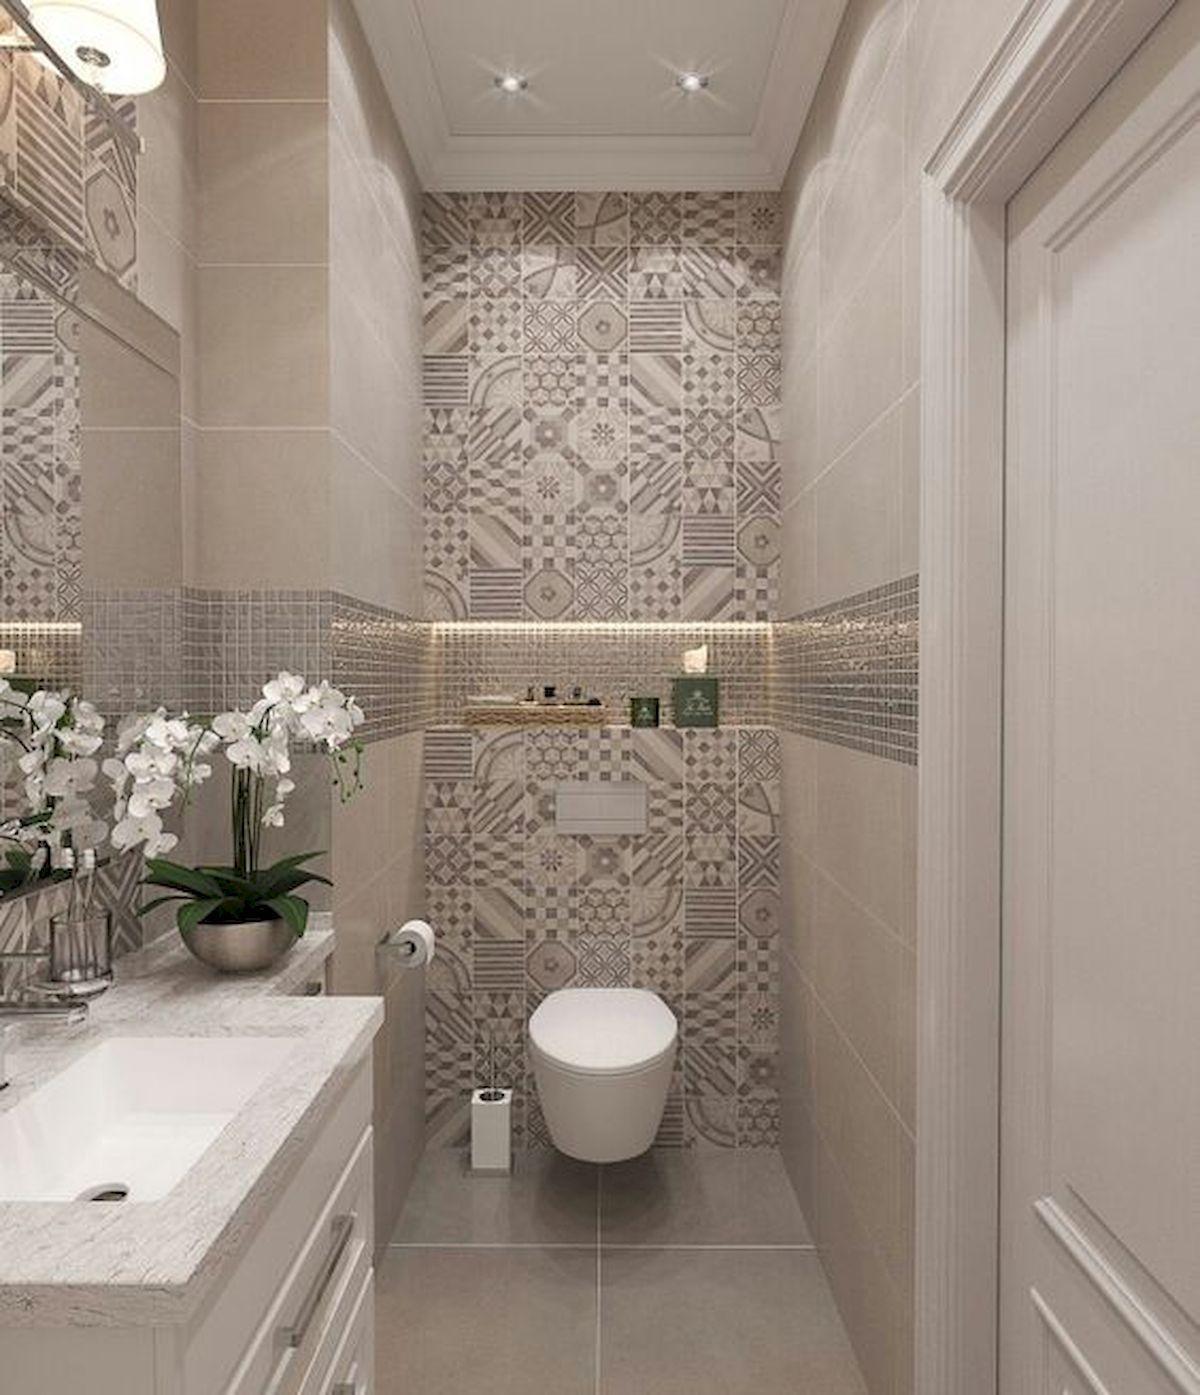 Small Master Bathroom Remodel Ideas: 55 Fresh Small Master Bathroom Remodel Ideas And Design